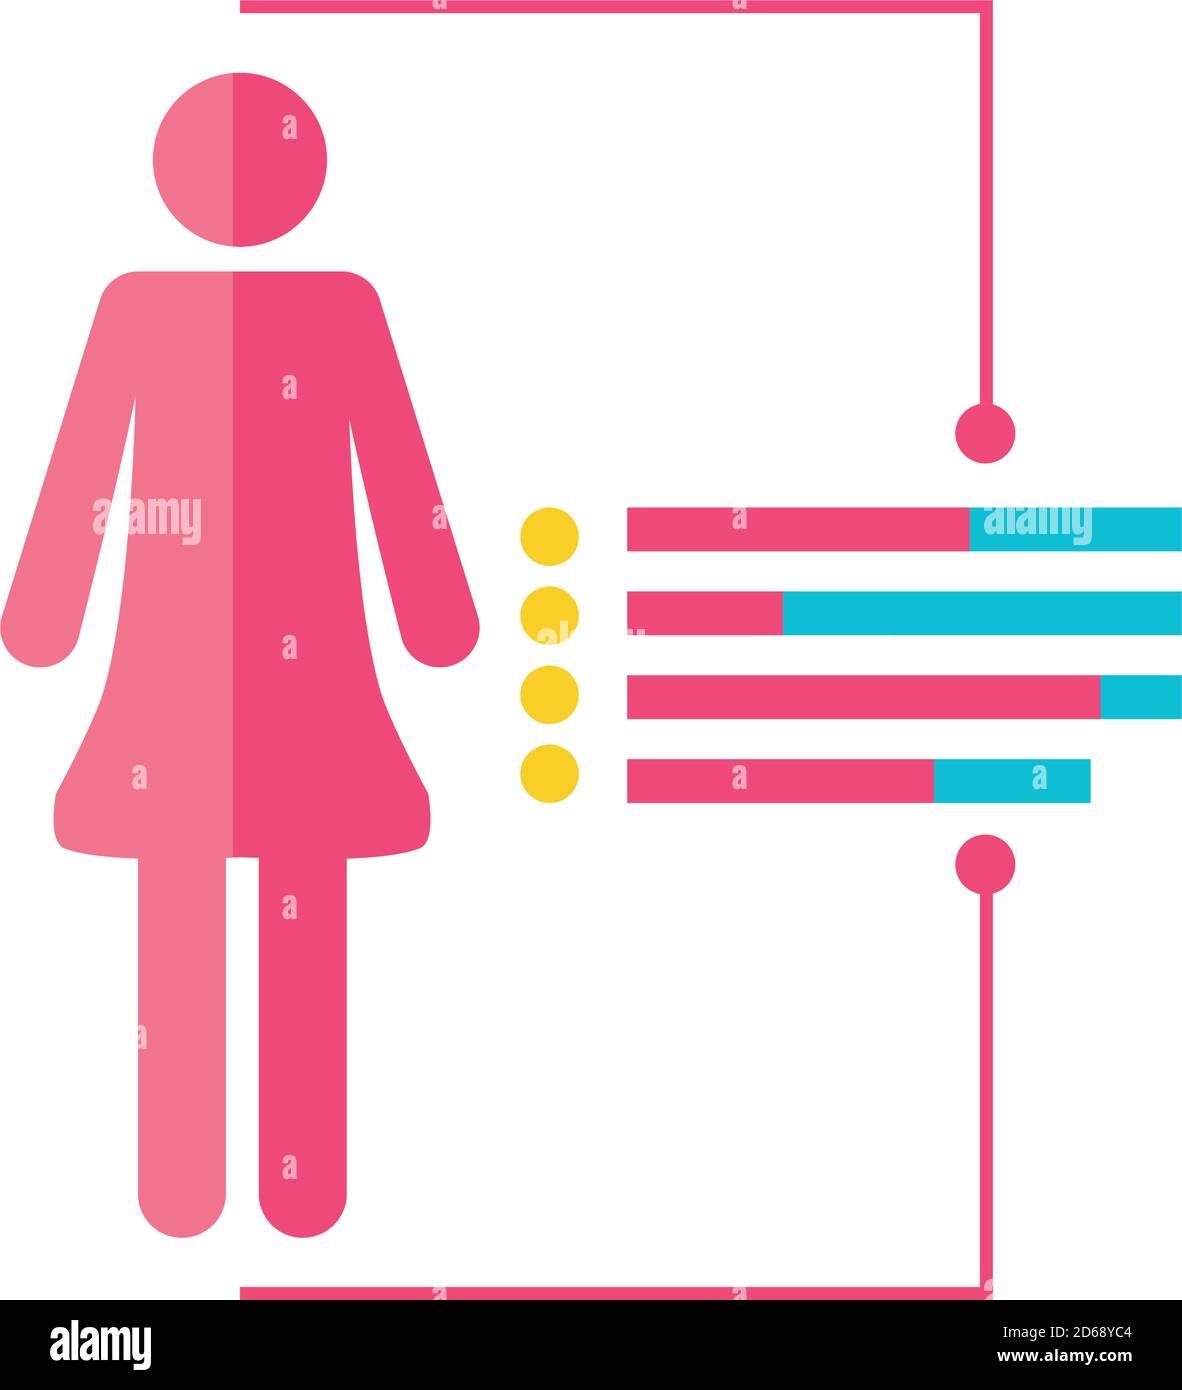 análisis de datos de la mujer proceso avatar ilustración vectorial detallada Ilustración del Vector